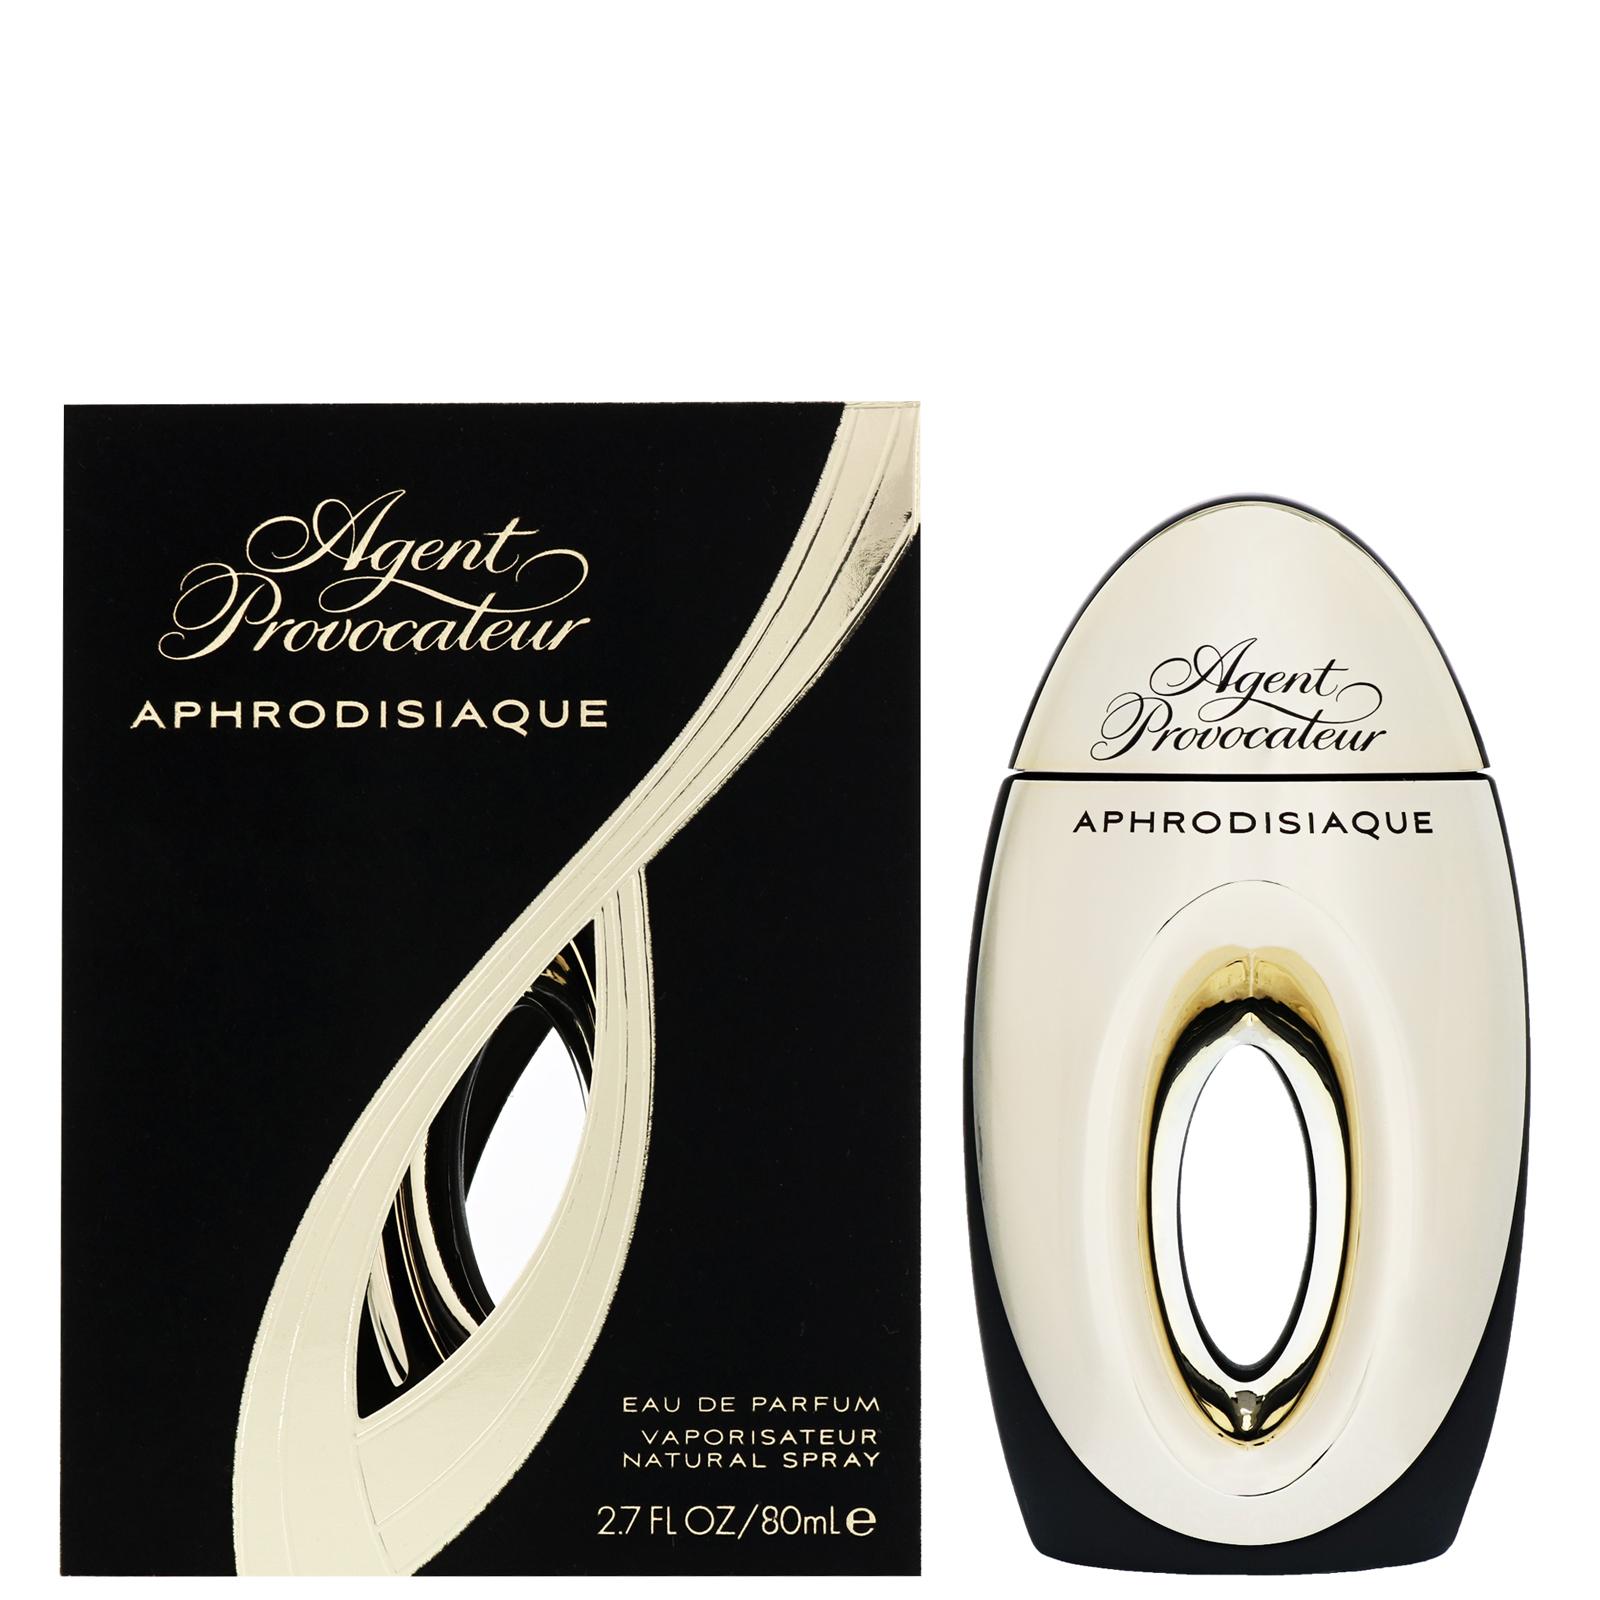 Agent Provocateur Aphrodisiaque Eau de Parfum 80ml £10.80 using code + Free click & collect @ Lloyds Pharmacy